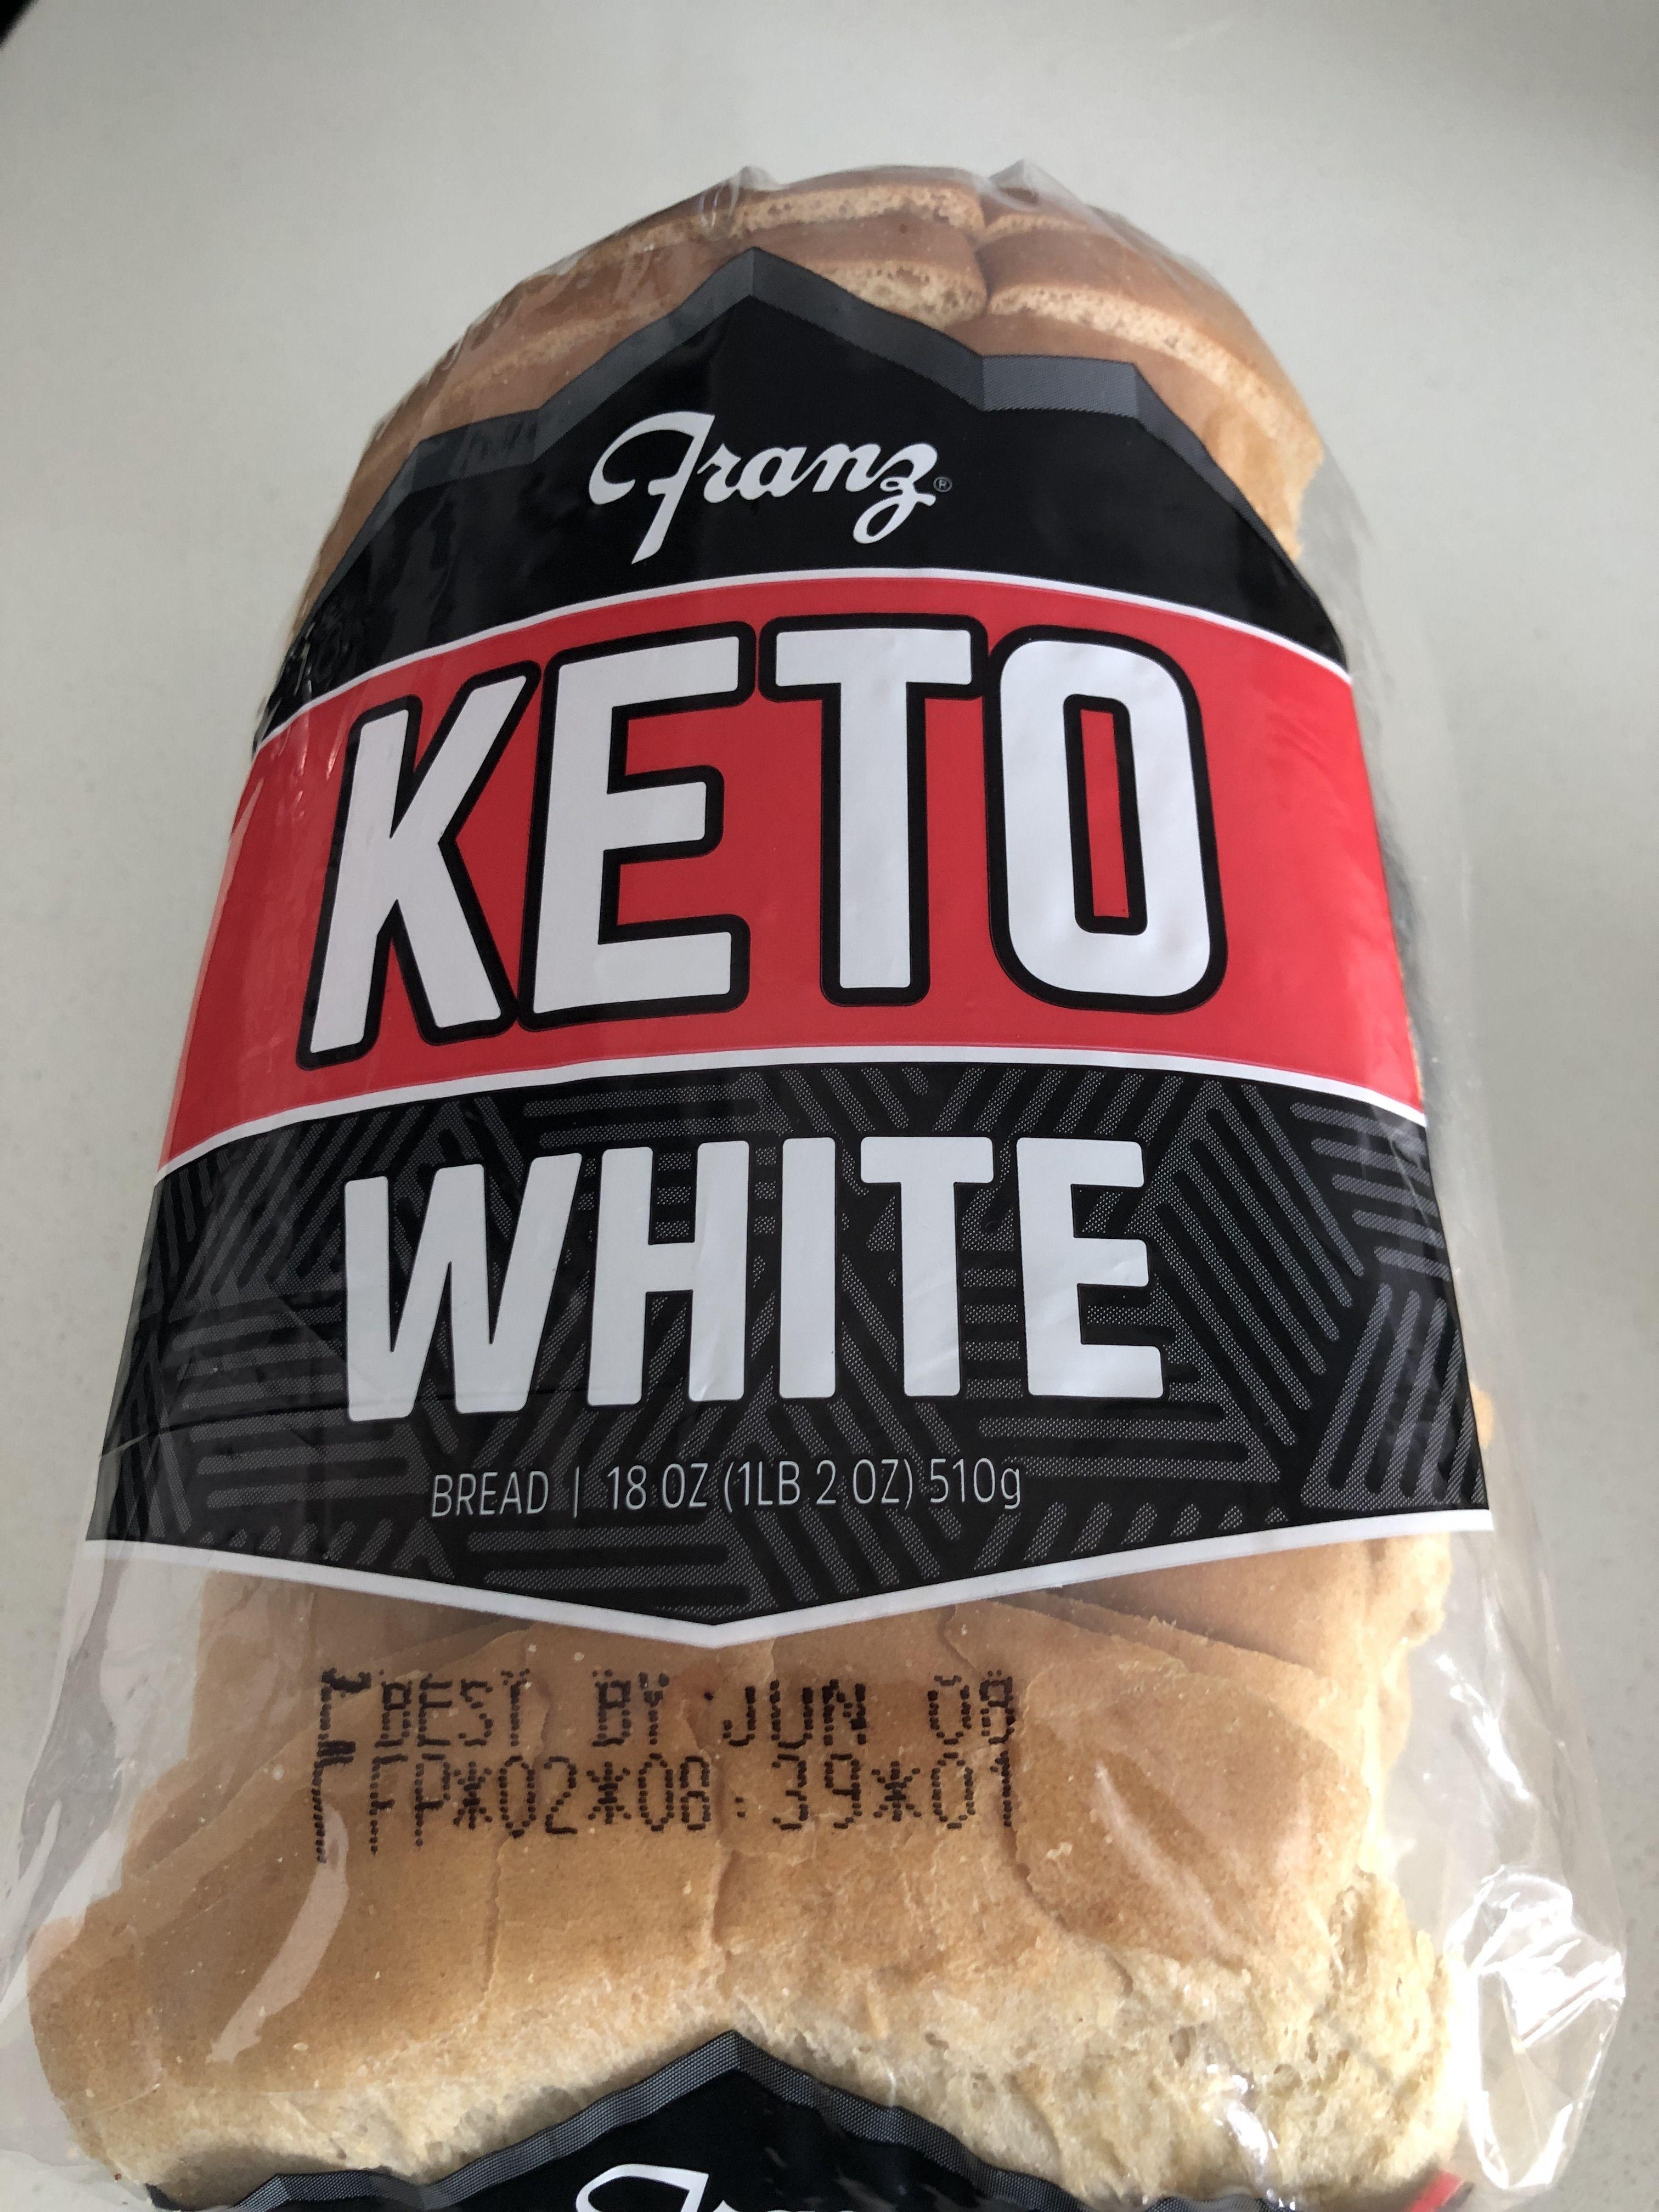 Keto Bread Keto Keto Bread White Bread